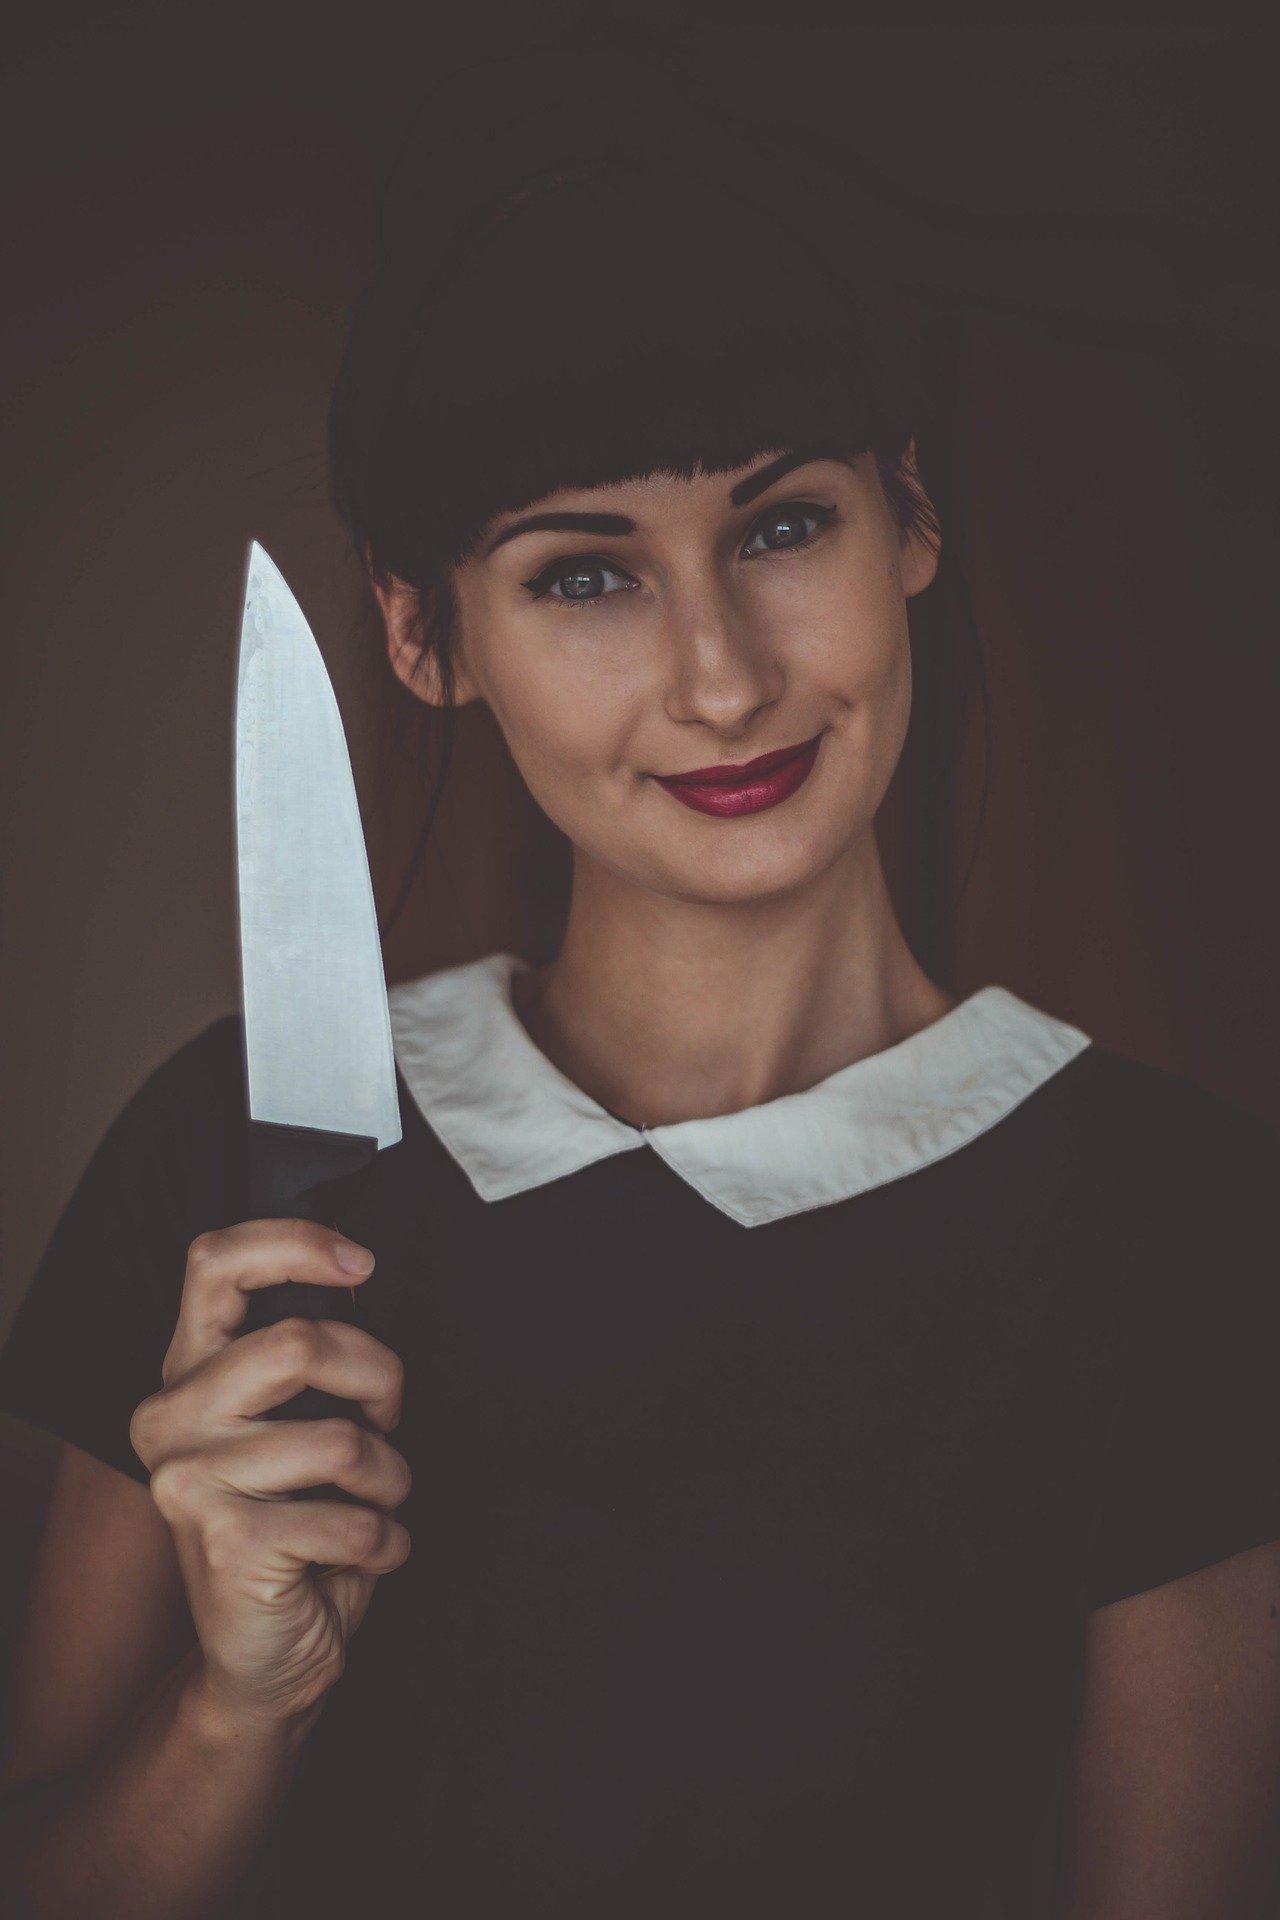 l'identité culinaire du roman - Photo de Pexels